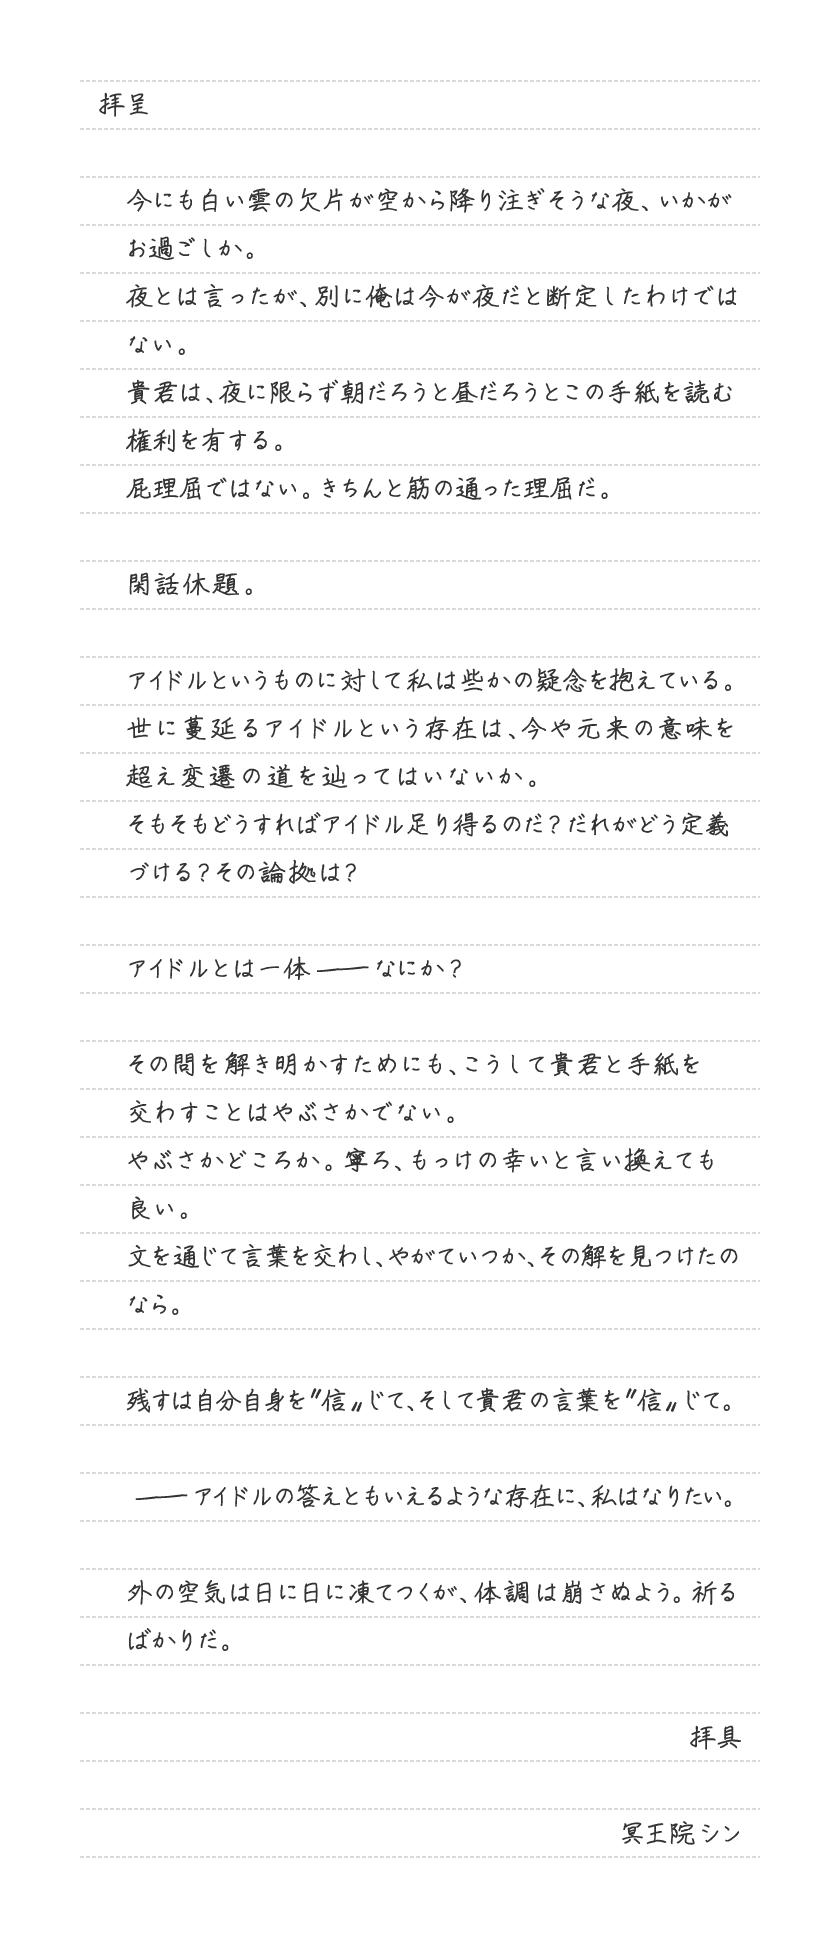 シンの手紙